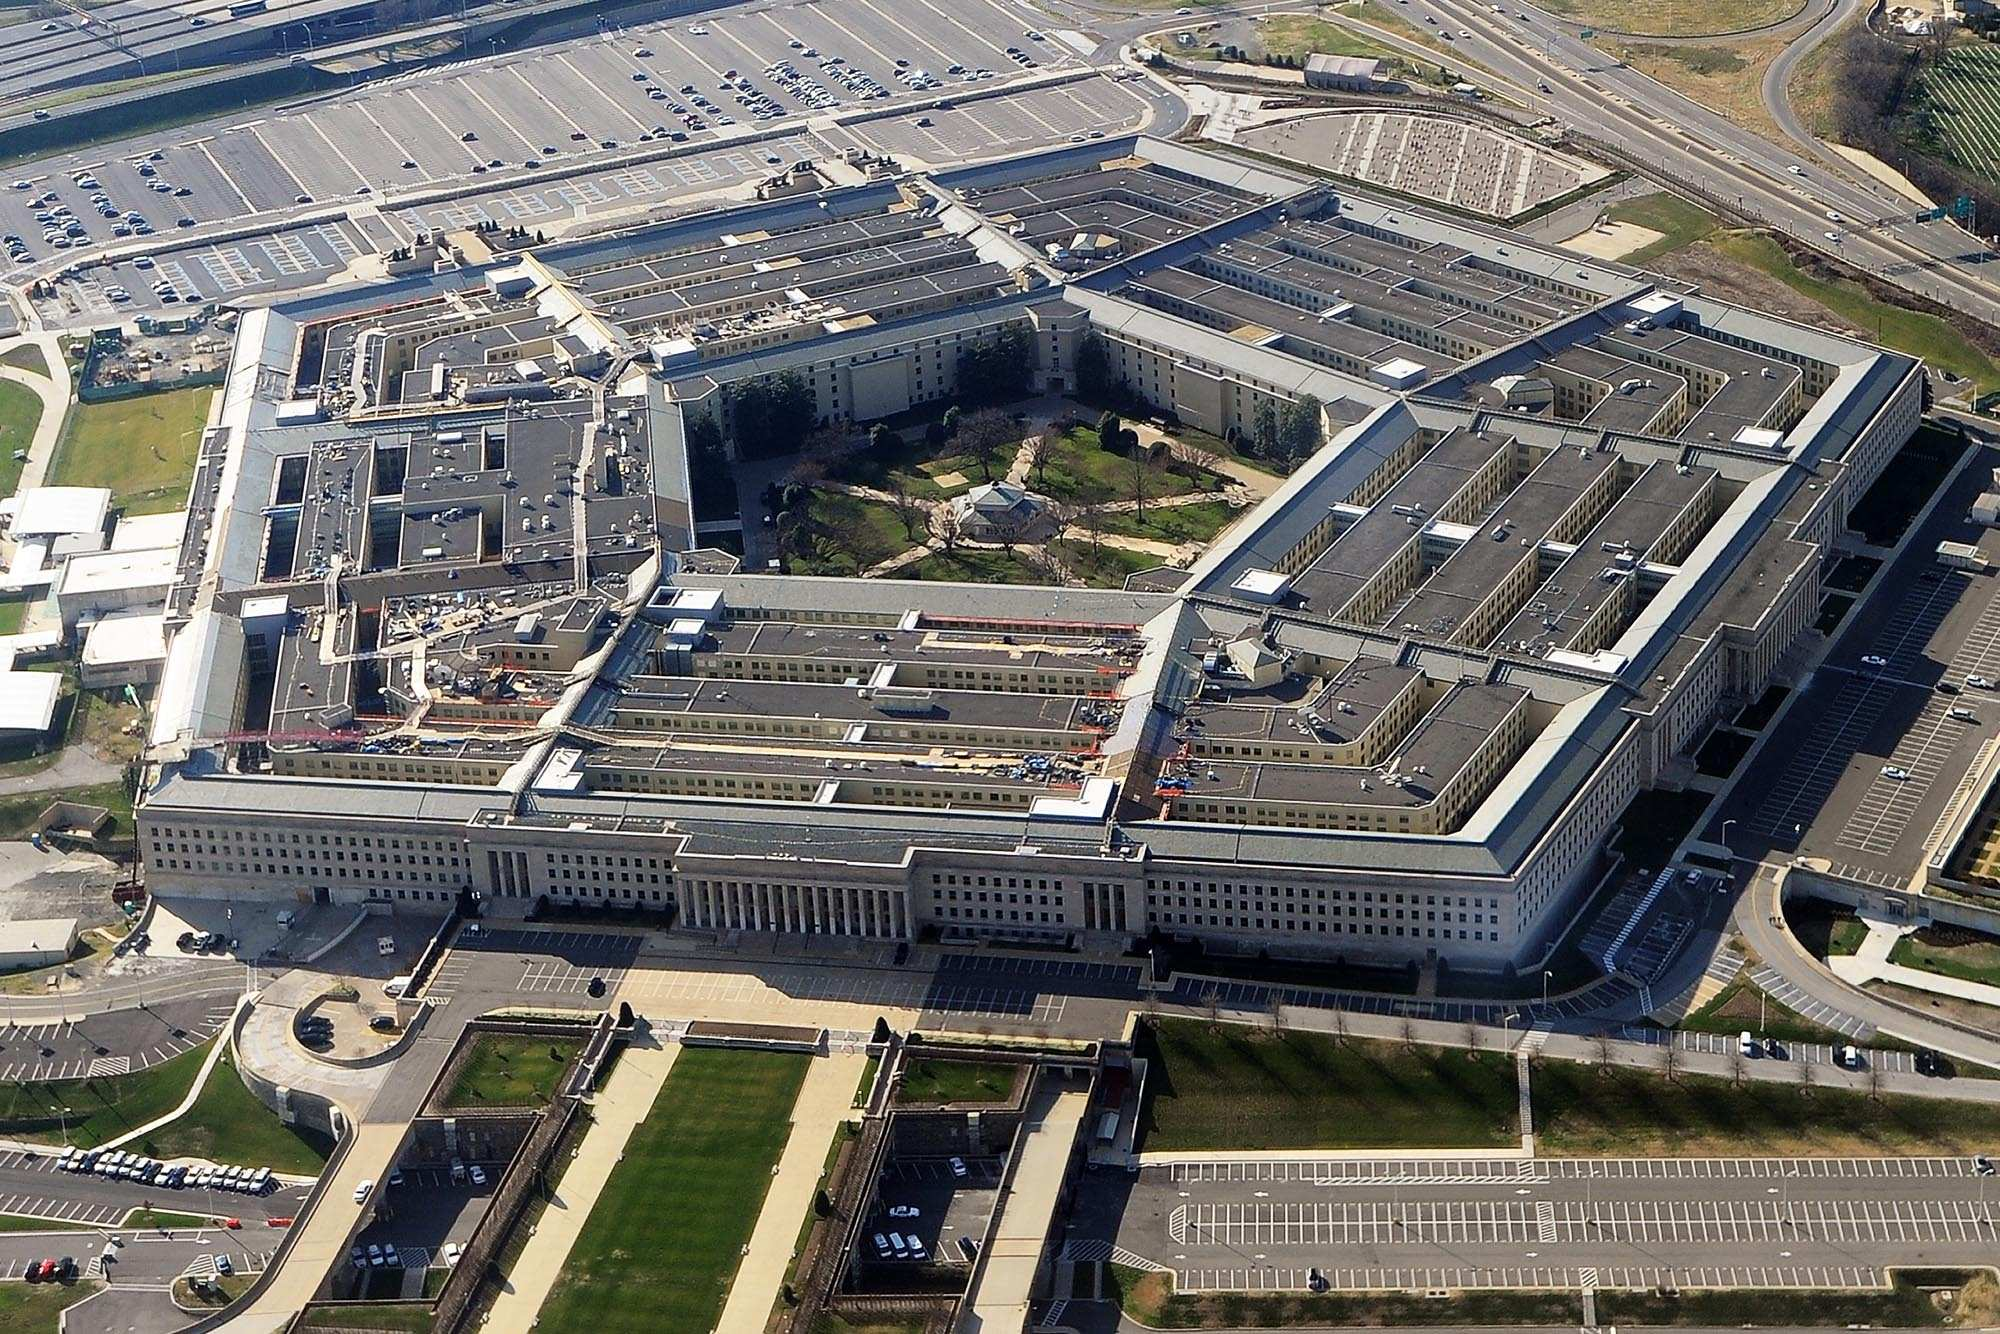 Вывод ВКСРФсоздаст возможность дляподдерживаемых СШАсил, — американский генерал | Русская весна